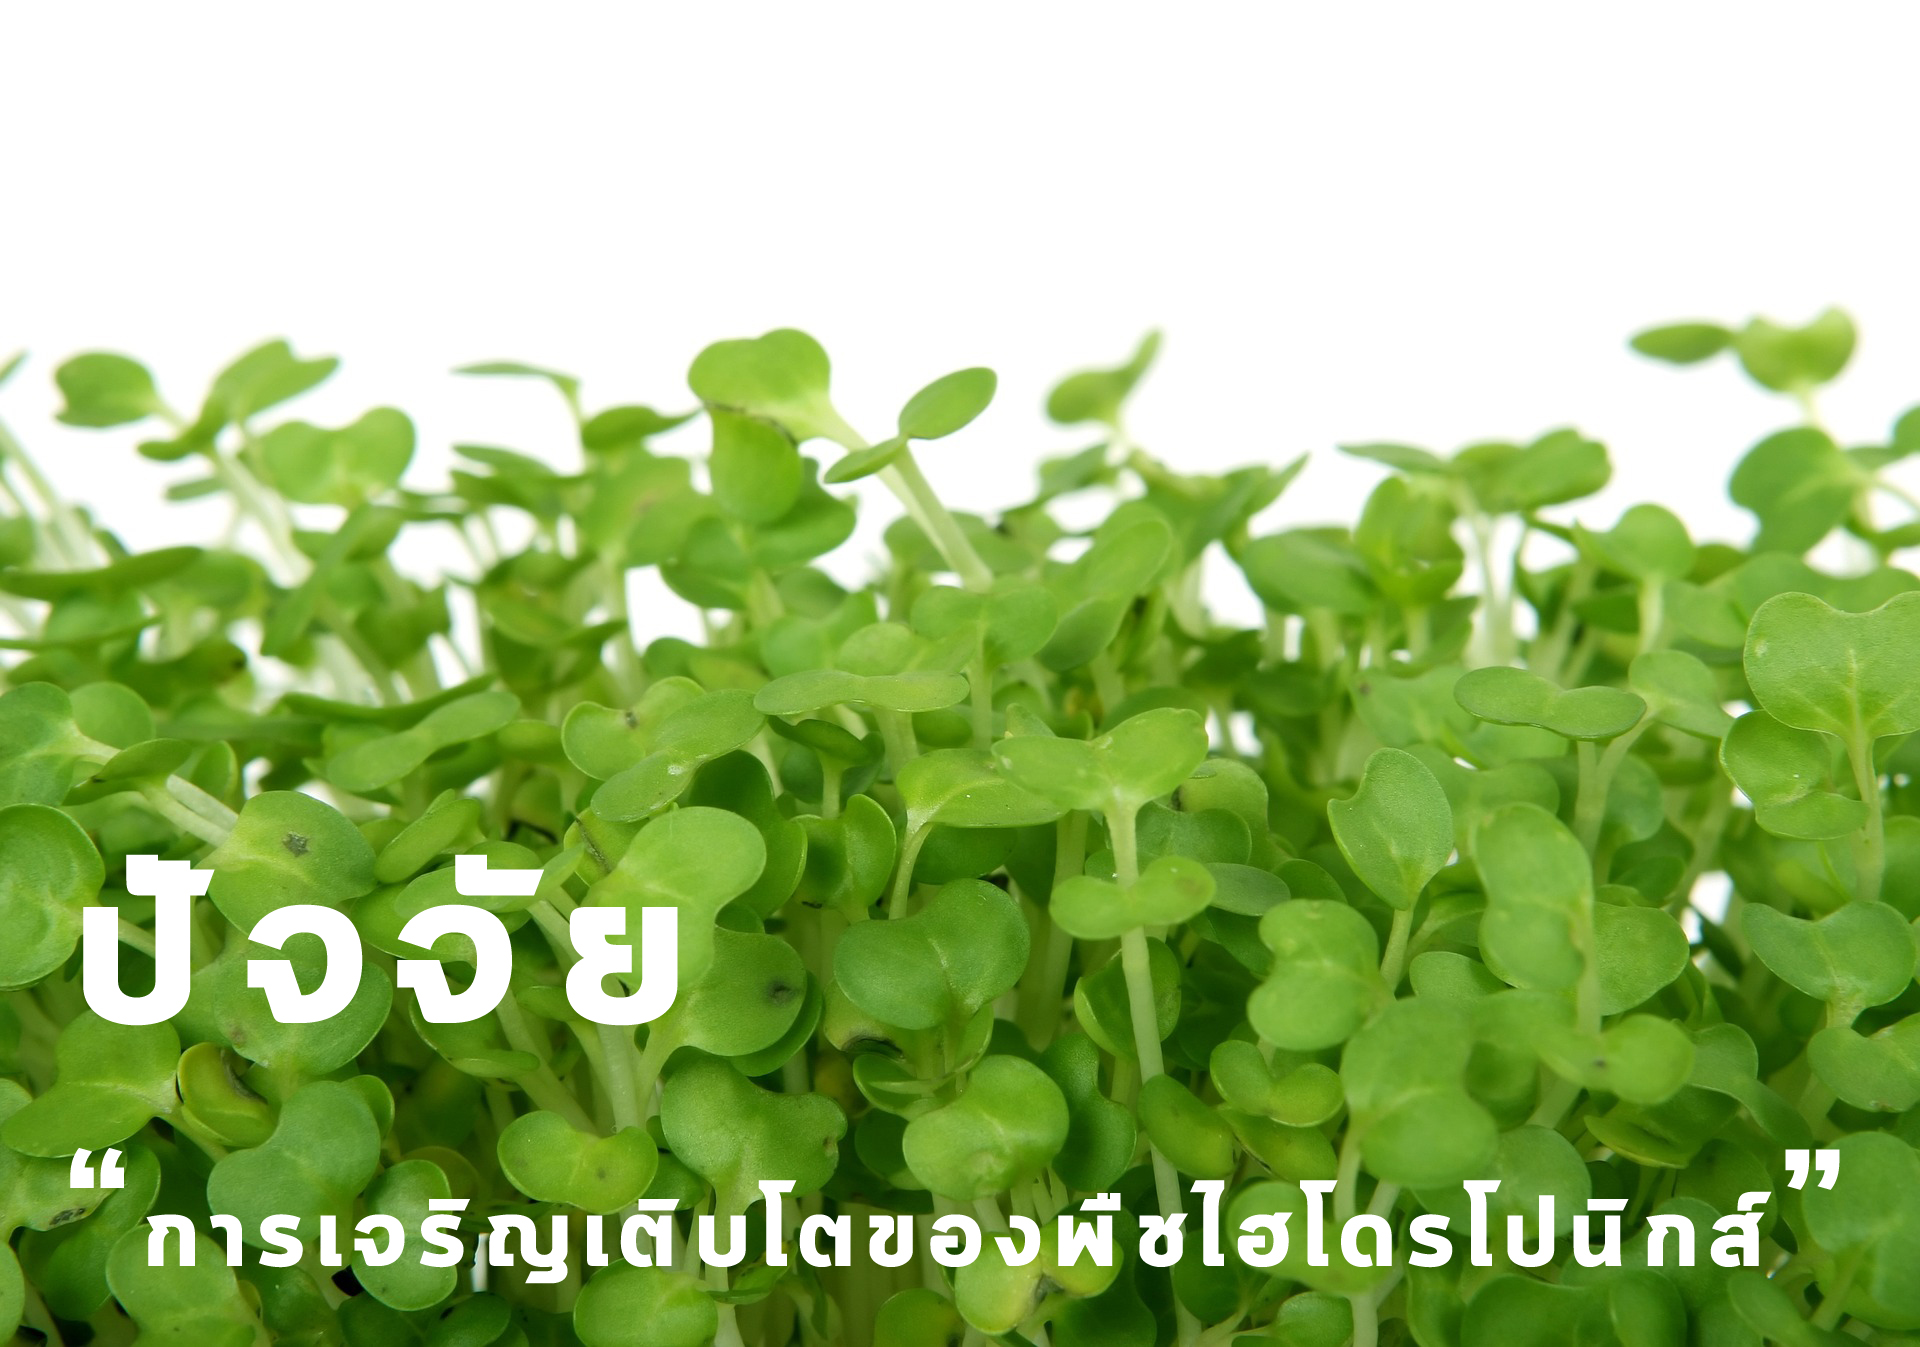 ปัจจัยการเจริญเติบโตของพืชไฮโดรโปนิกส์